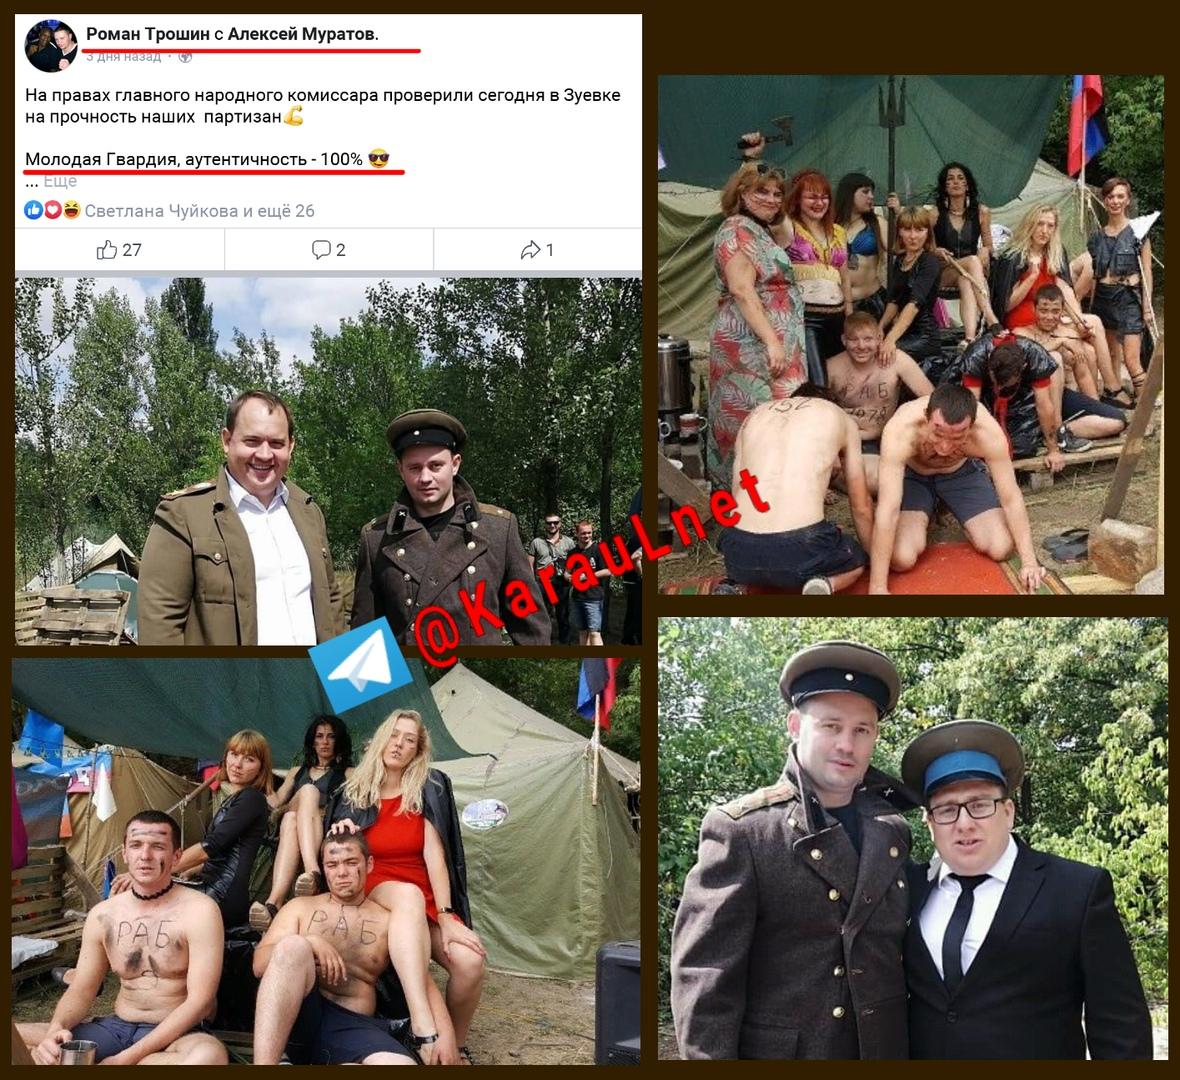 Крым и Донбасс: взгляд спустя 4 года - Страница 3 D95sXm4Scns